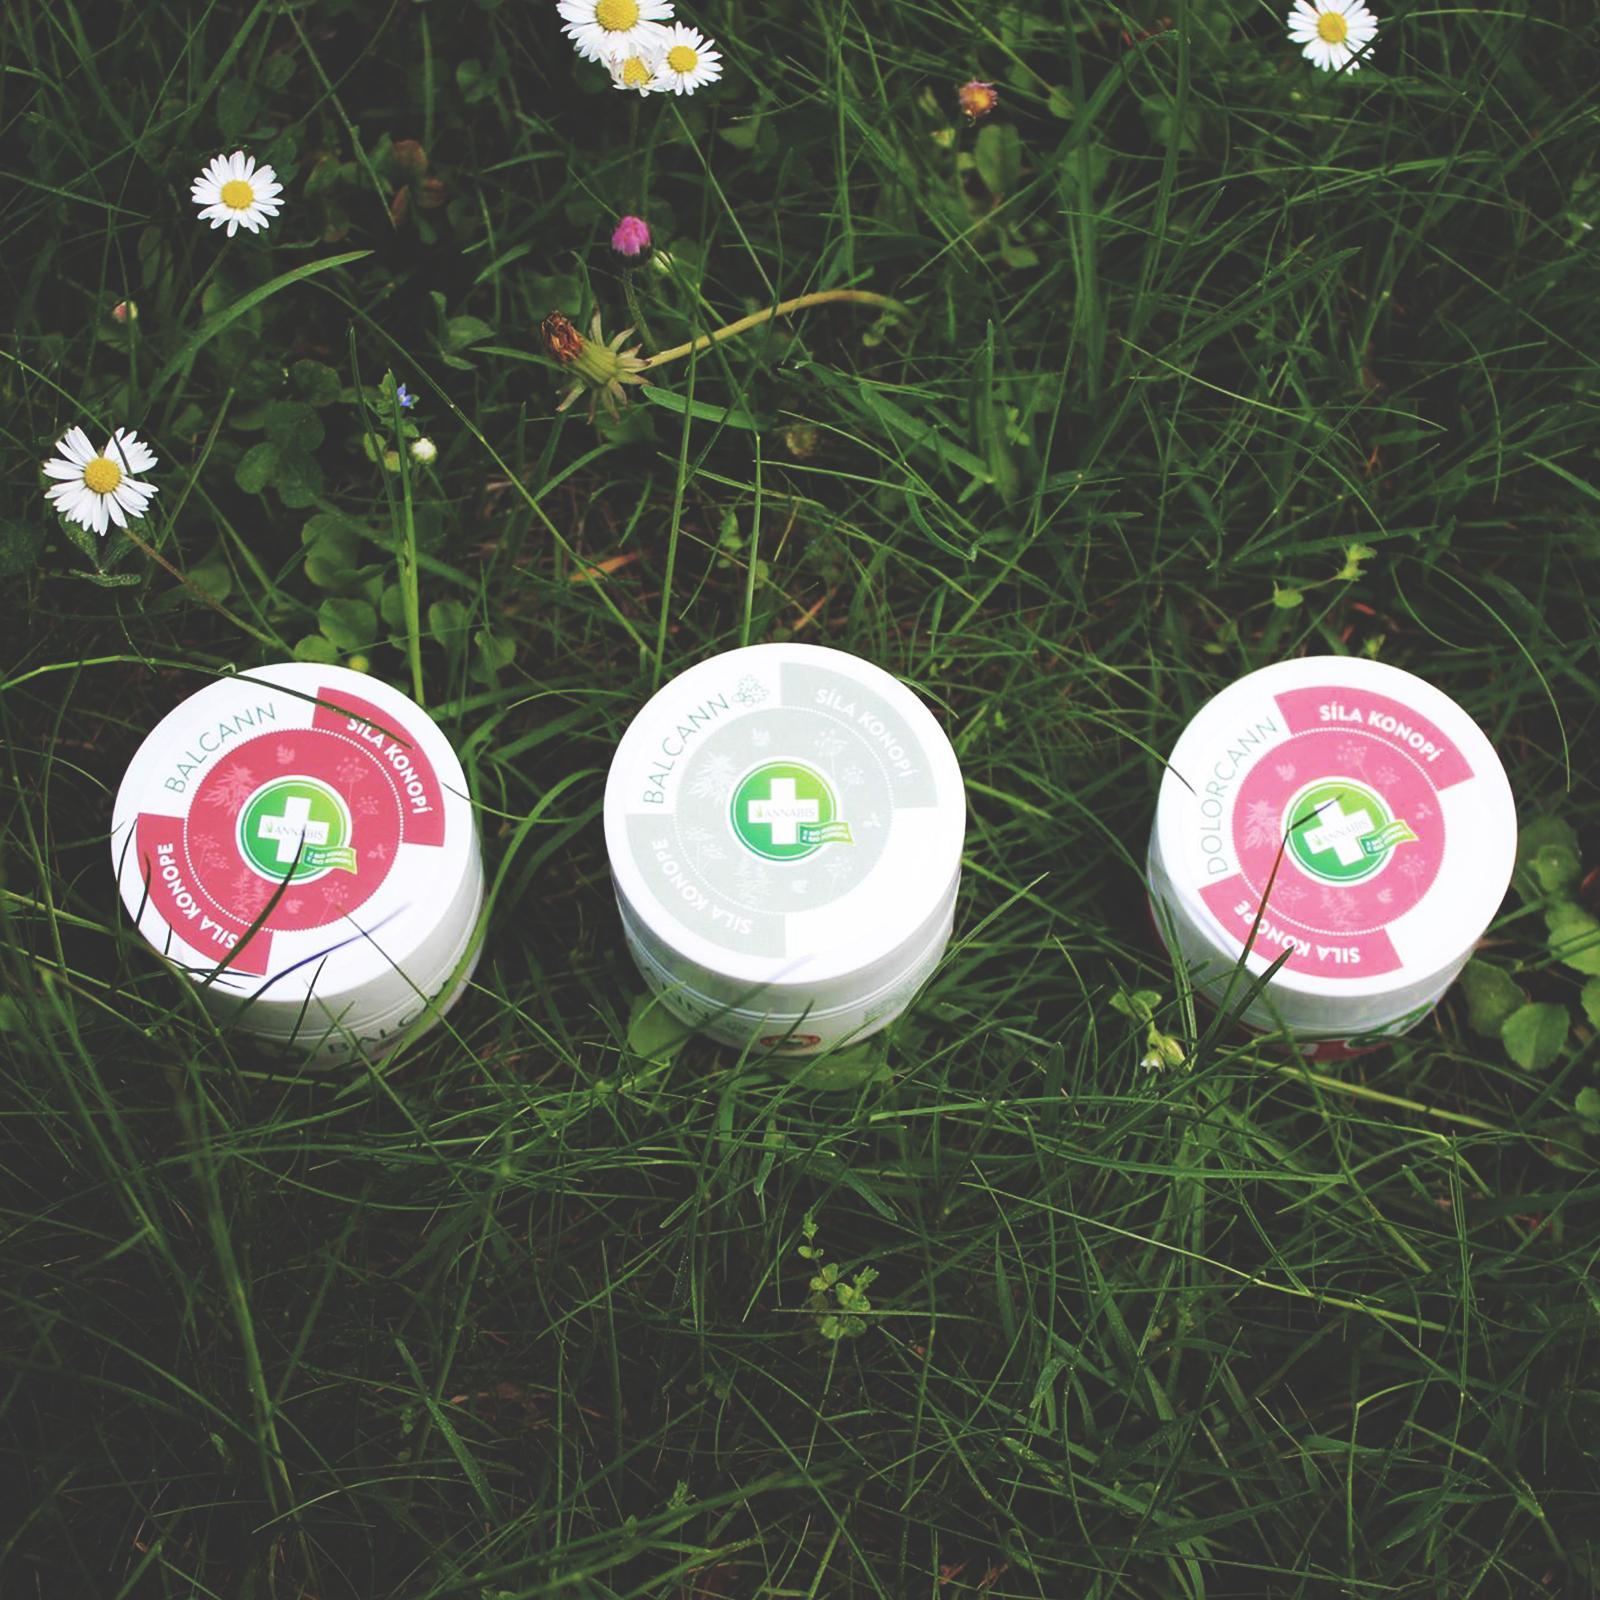 Kupte jakékoliv 2 produkty od značky Annabis a dostanete od nás dárek – regenerační pleťový krém s koenzymem Q10